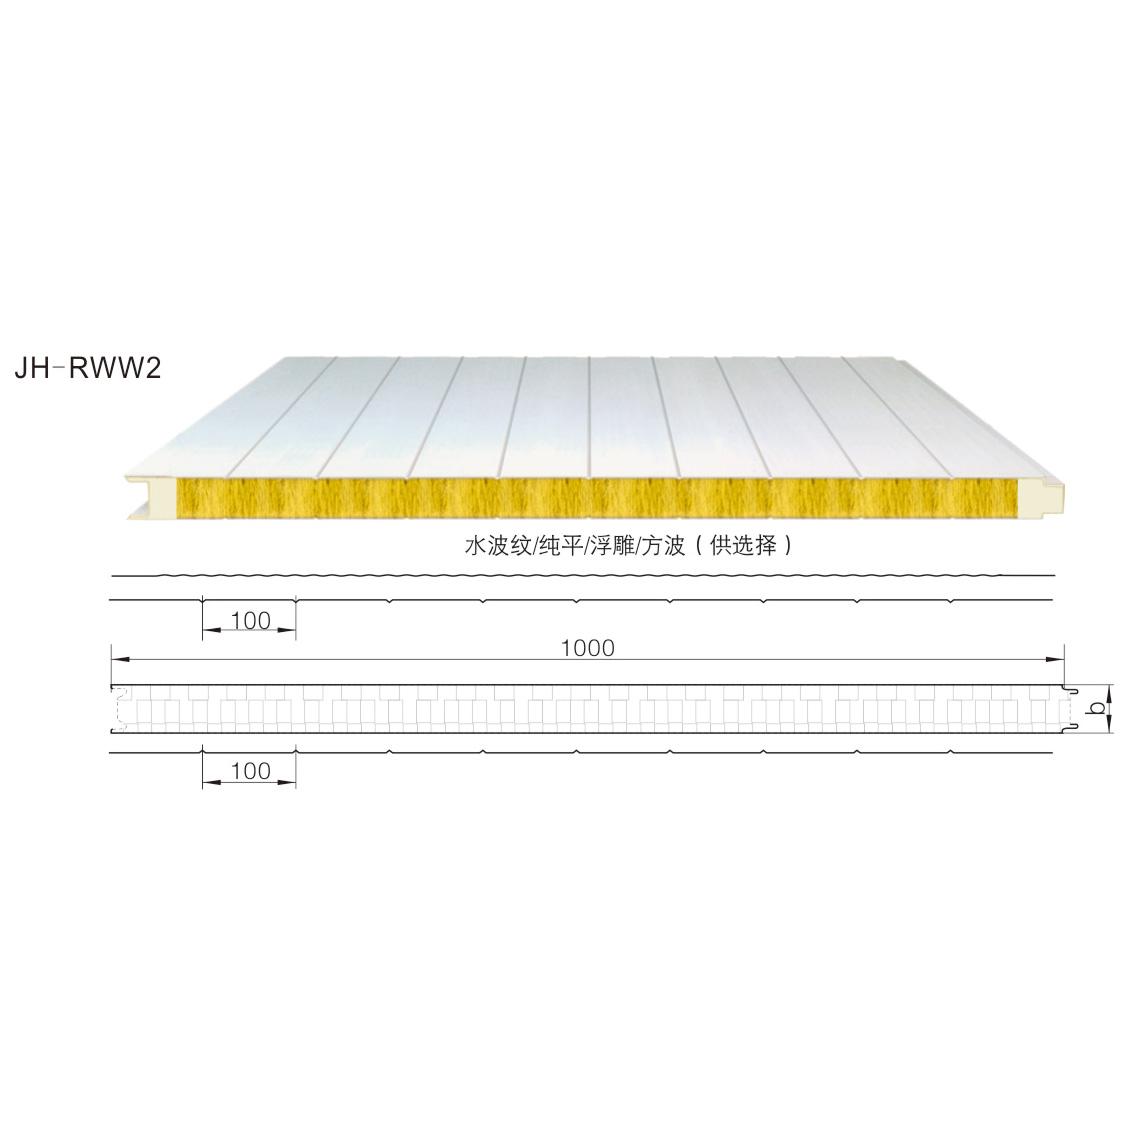 聚氨酯封边棉屋面夹芯板JH-RWW2